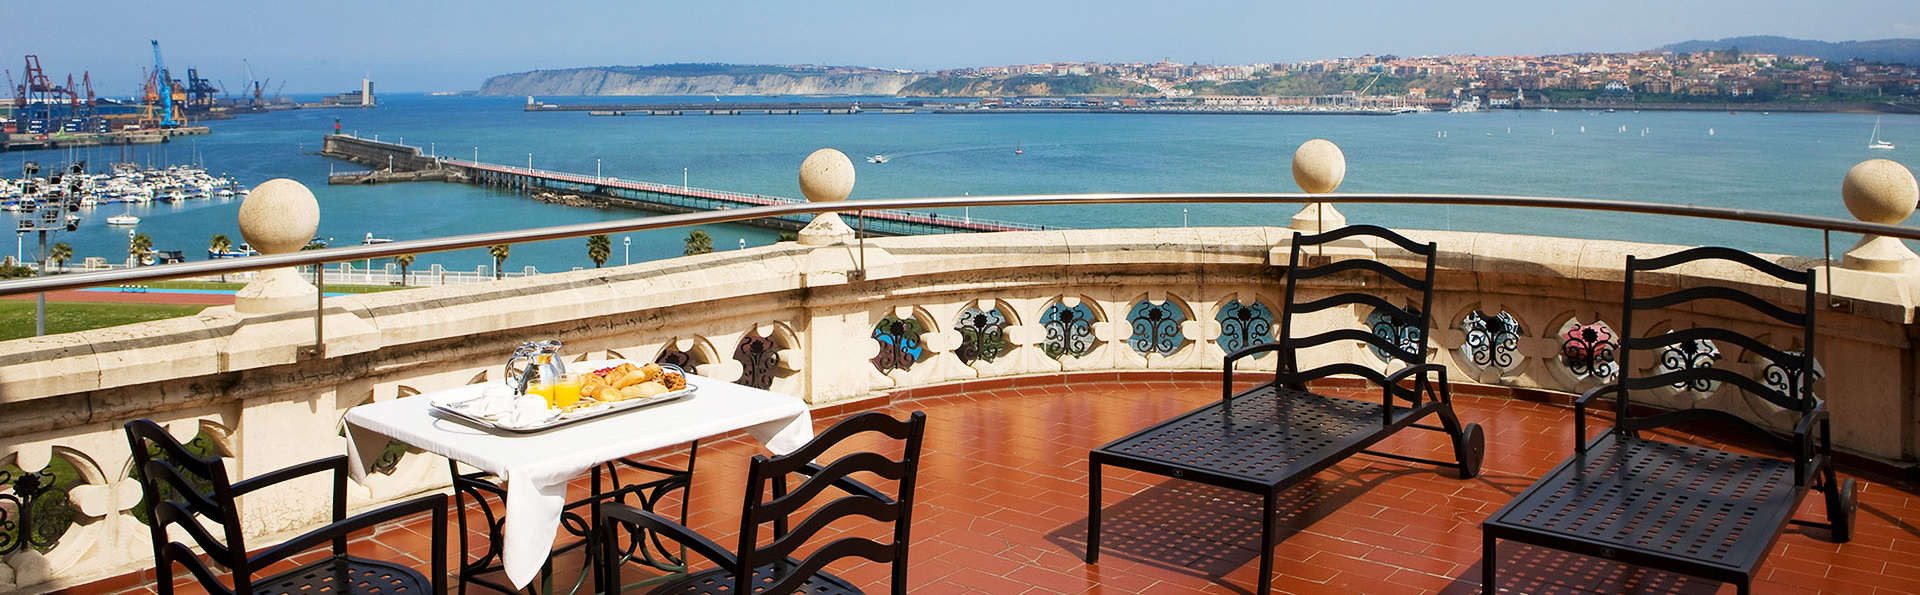 Vivez une expérience romantique avec tapas et une boisson de bienvenue à Gascogne (àpd 2 nuits)